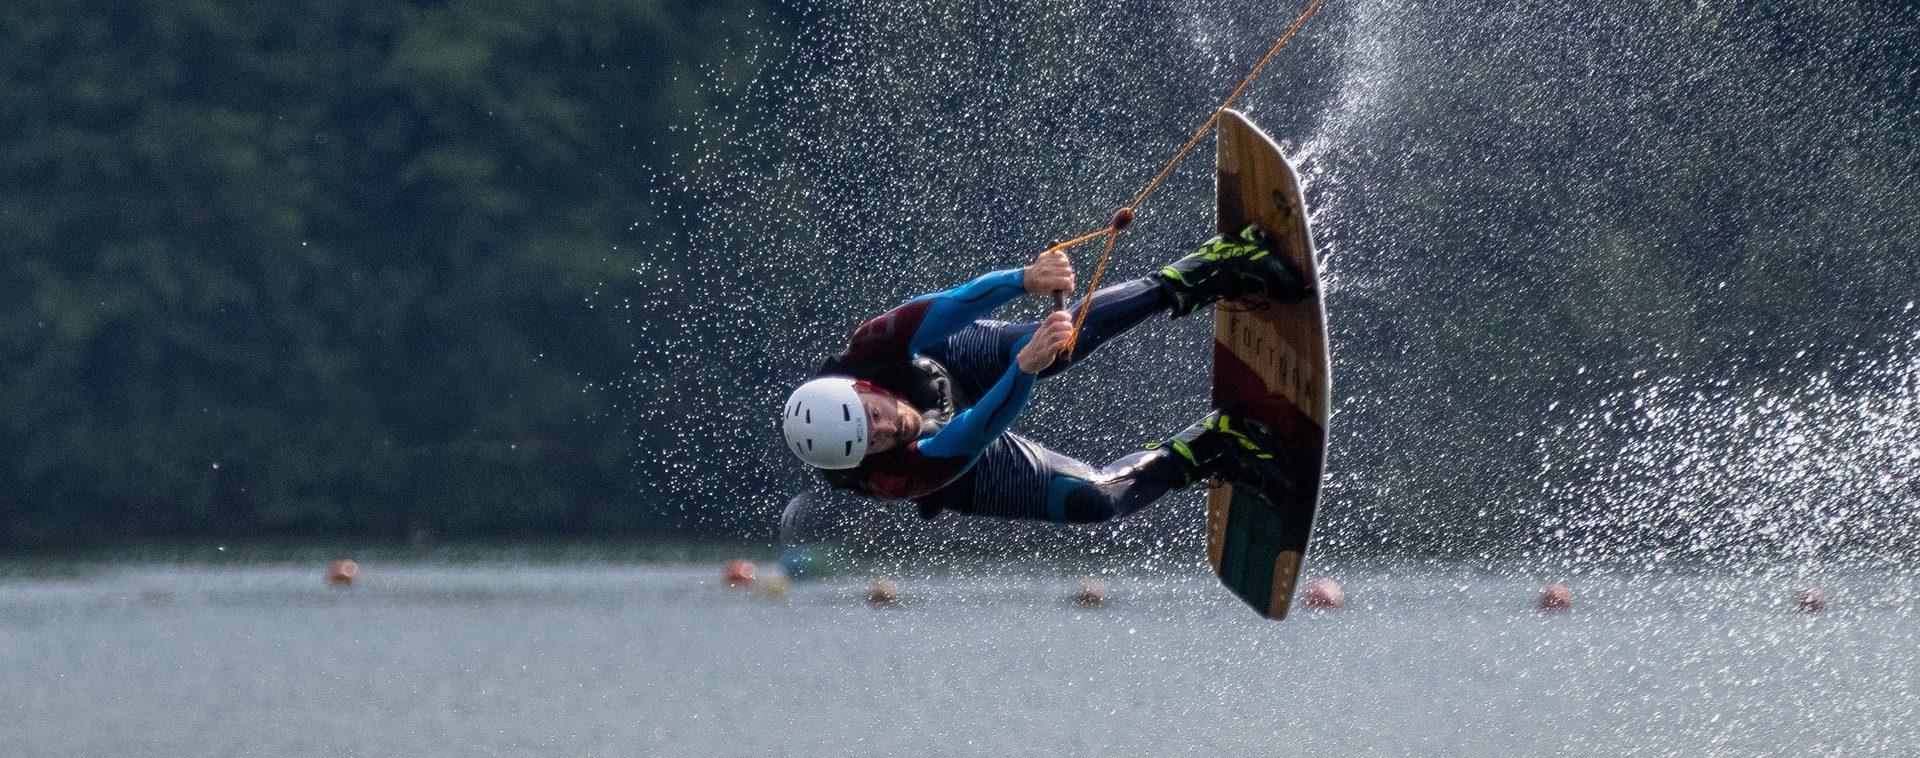 ecco come trovare un wakeboard adatto a te